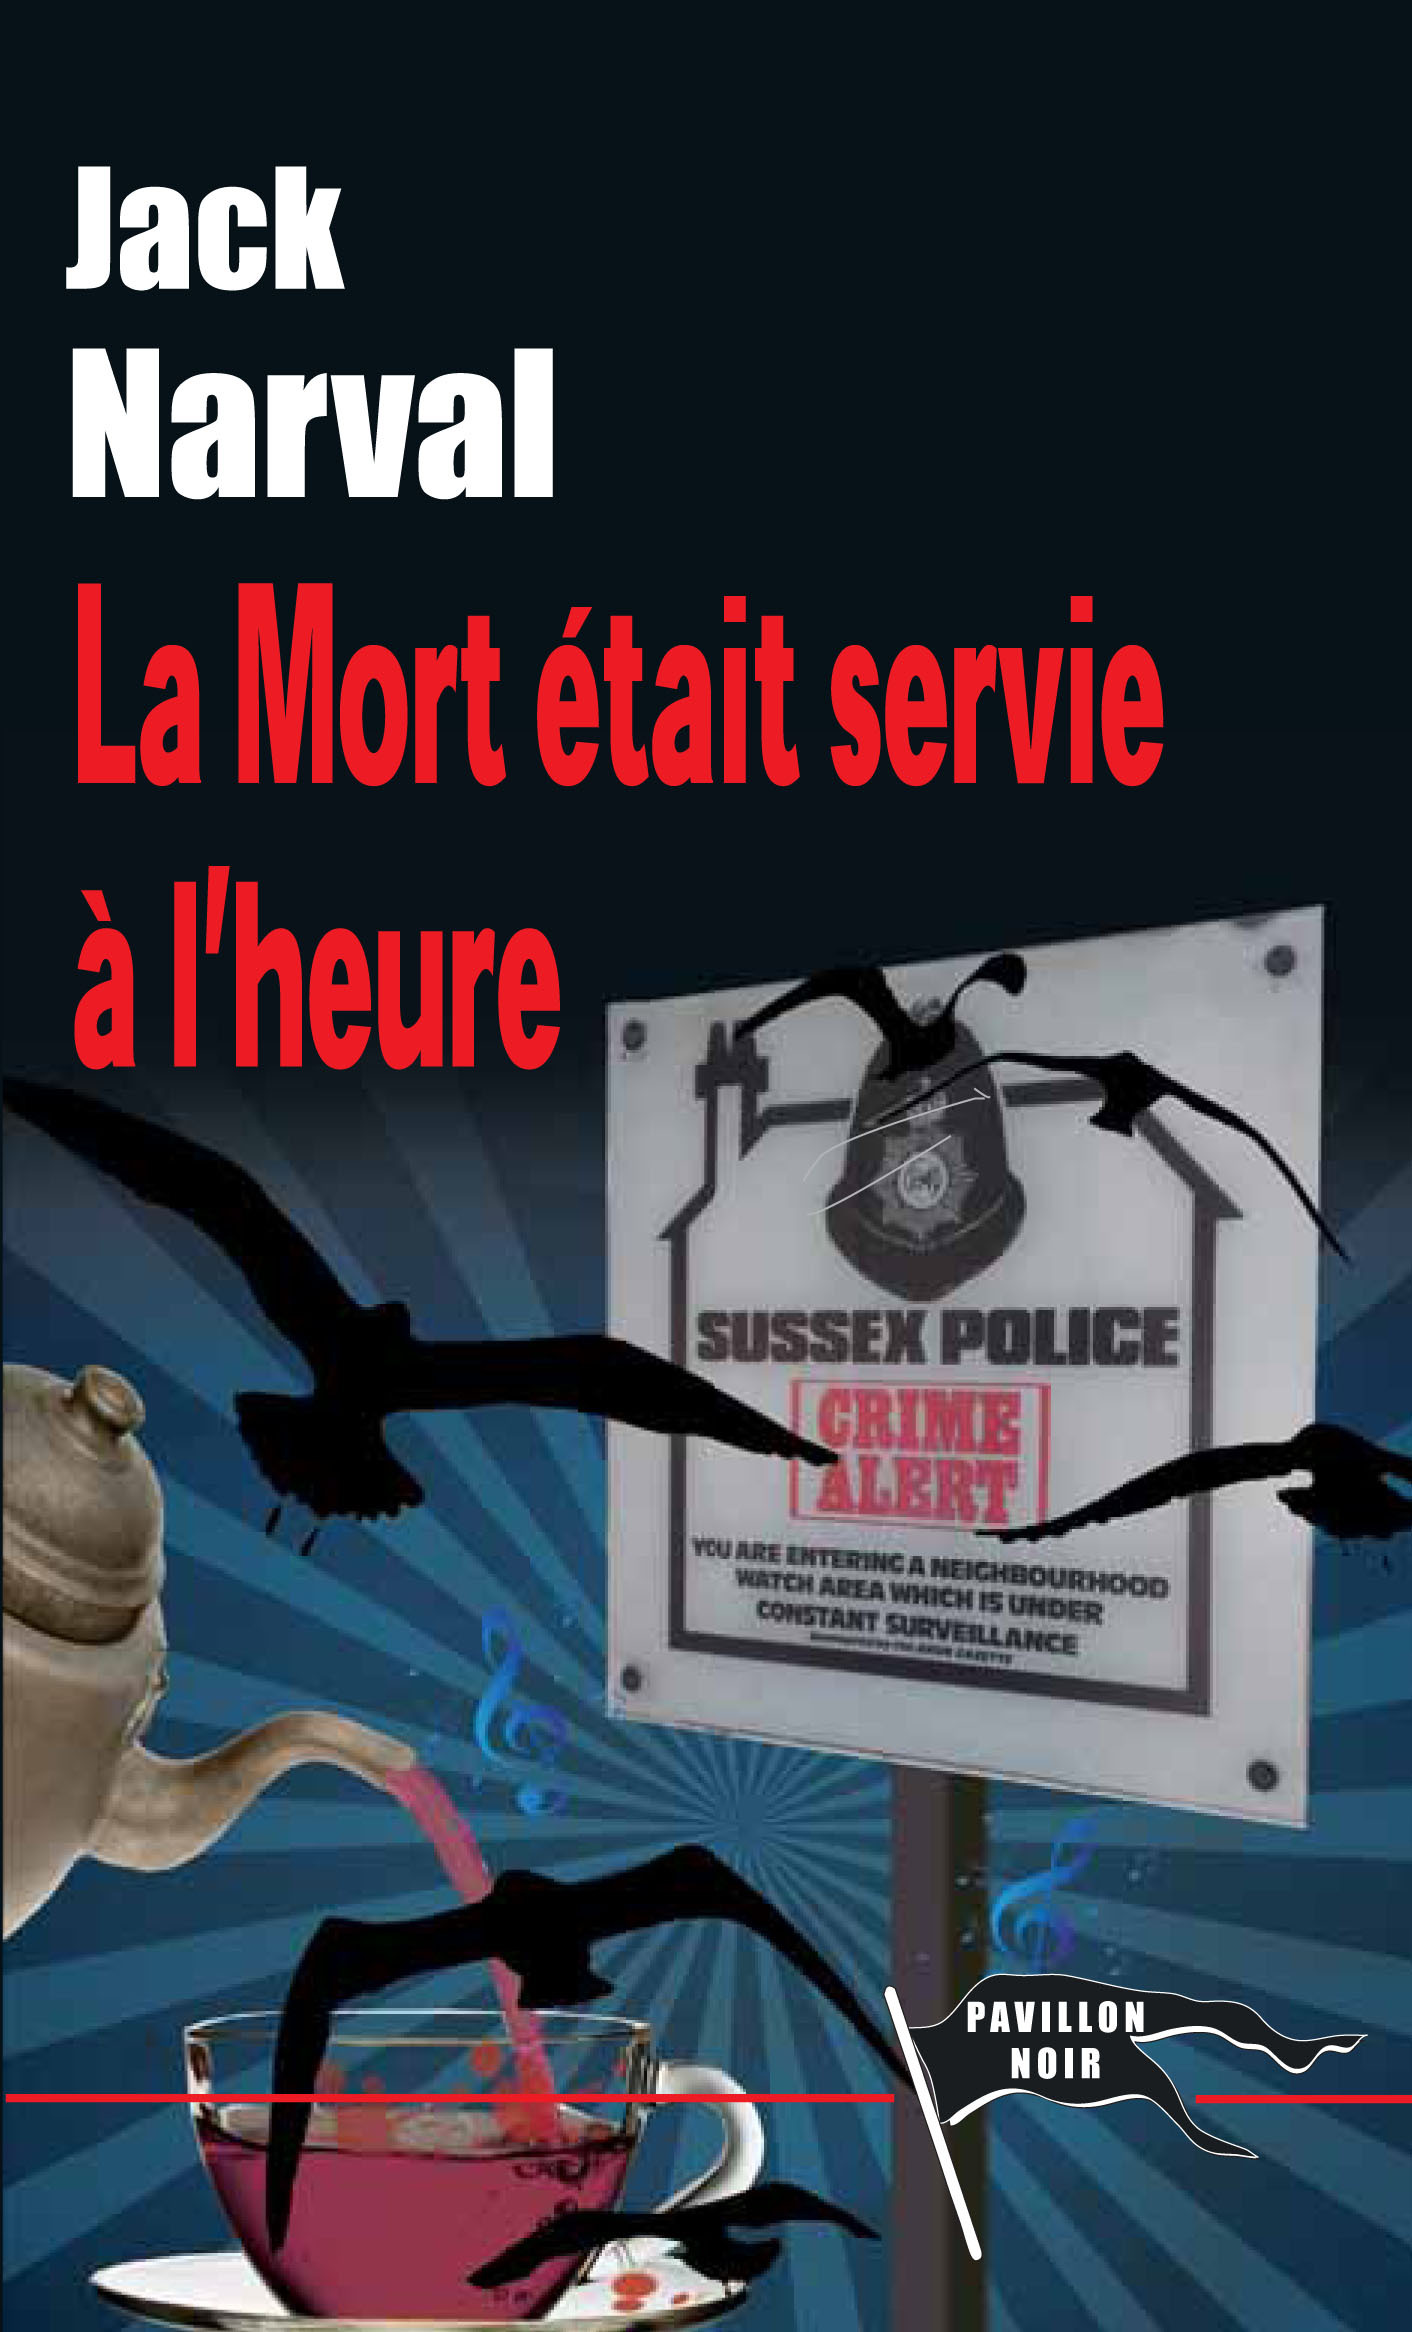 LA MORT ETAIT SERVIE A L'HEURE